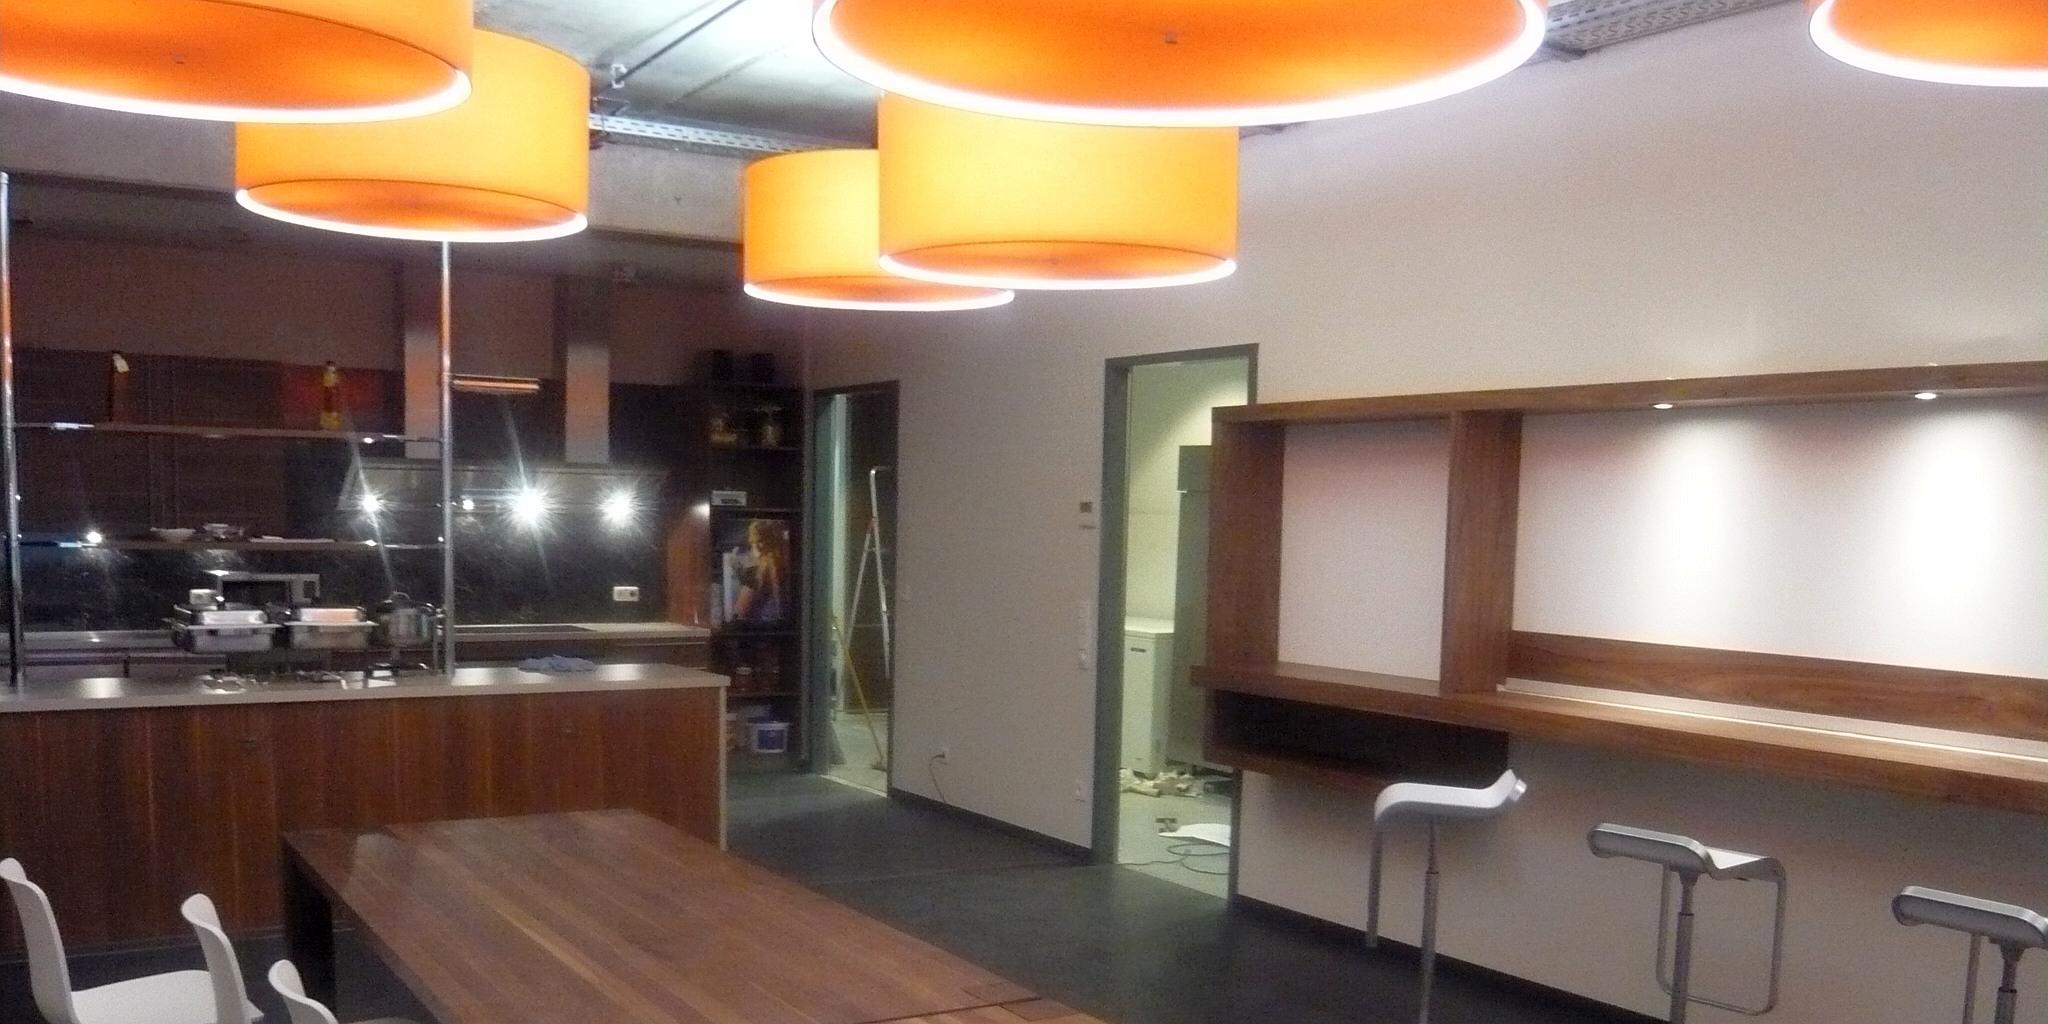 Architekten Frankfurt – Umbau und Neugestaltung Büroetage für SIGMA in Rodgau, Architekturbüro Frick.Reichert Architekten